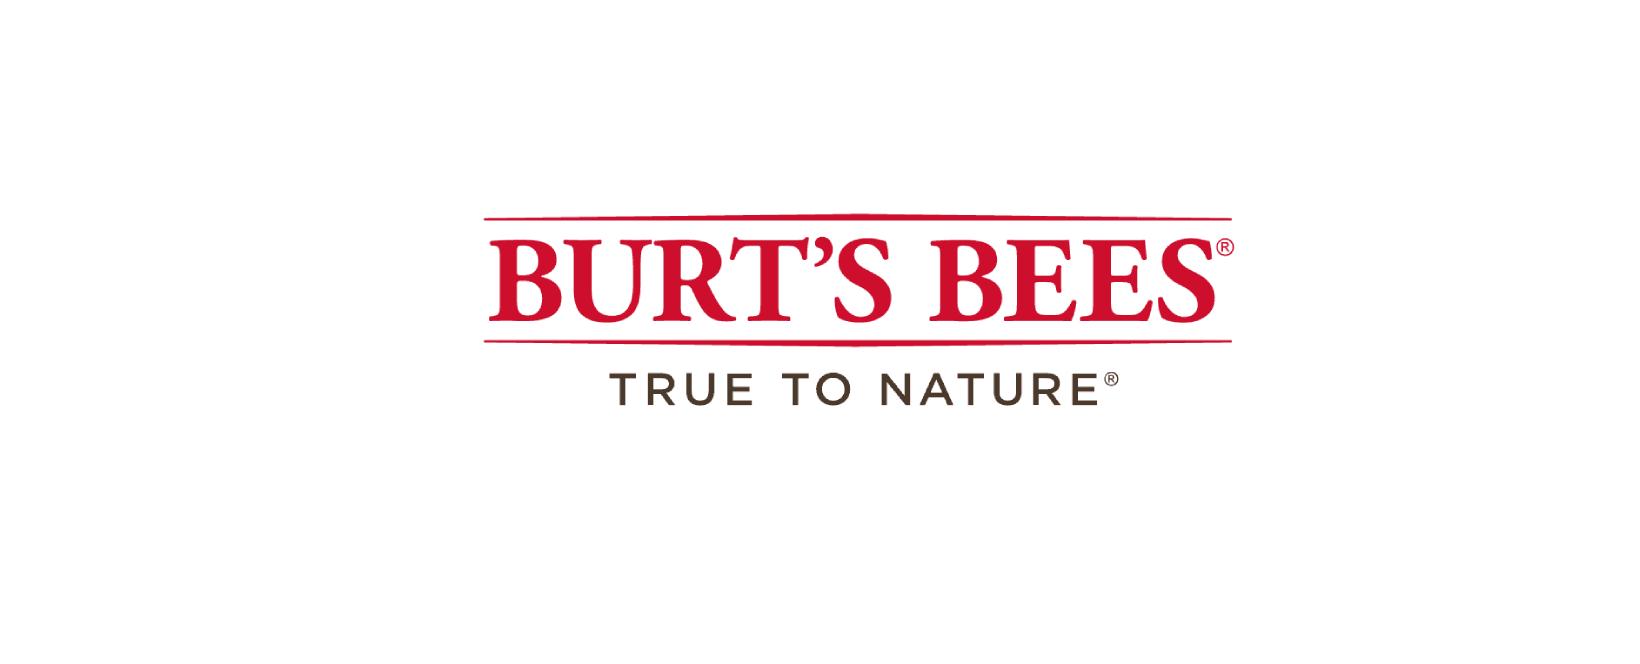 Burt's Bees Discount Code 2021